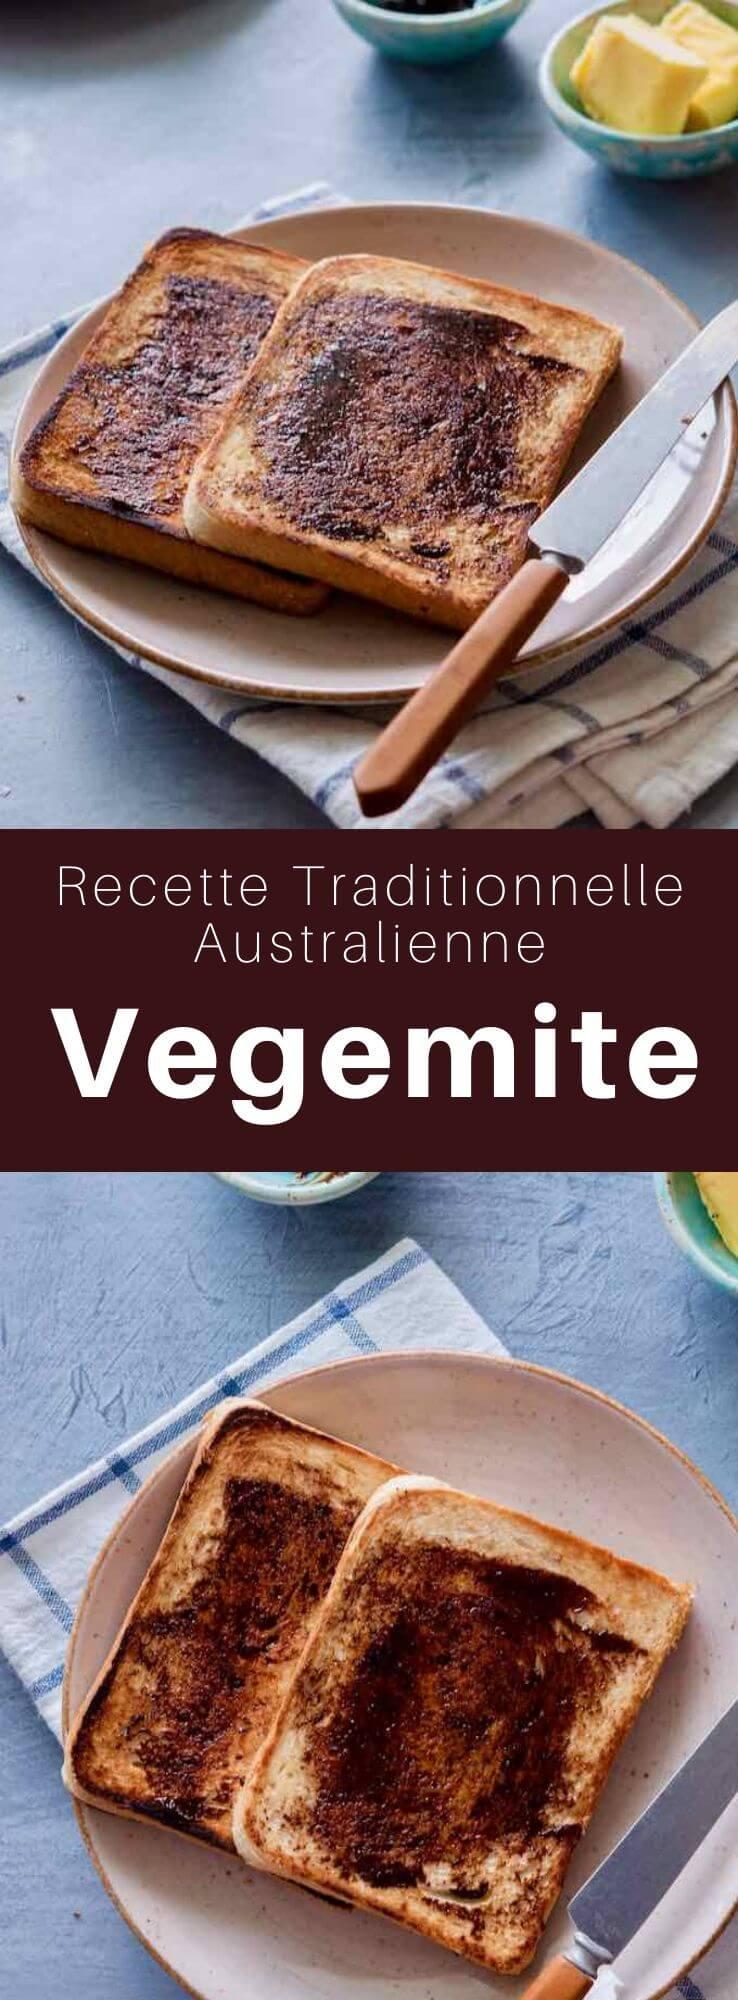 La vegemite est une pâte à tartiner brun foncé et relativement salée à base d'extrait de levure, essentiellement consommée en Australie et en Nouvelle-Zélande. #Australie #RecetteAustralienne #CuisineDuMonde #196flavors